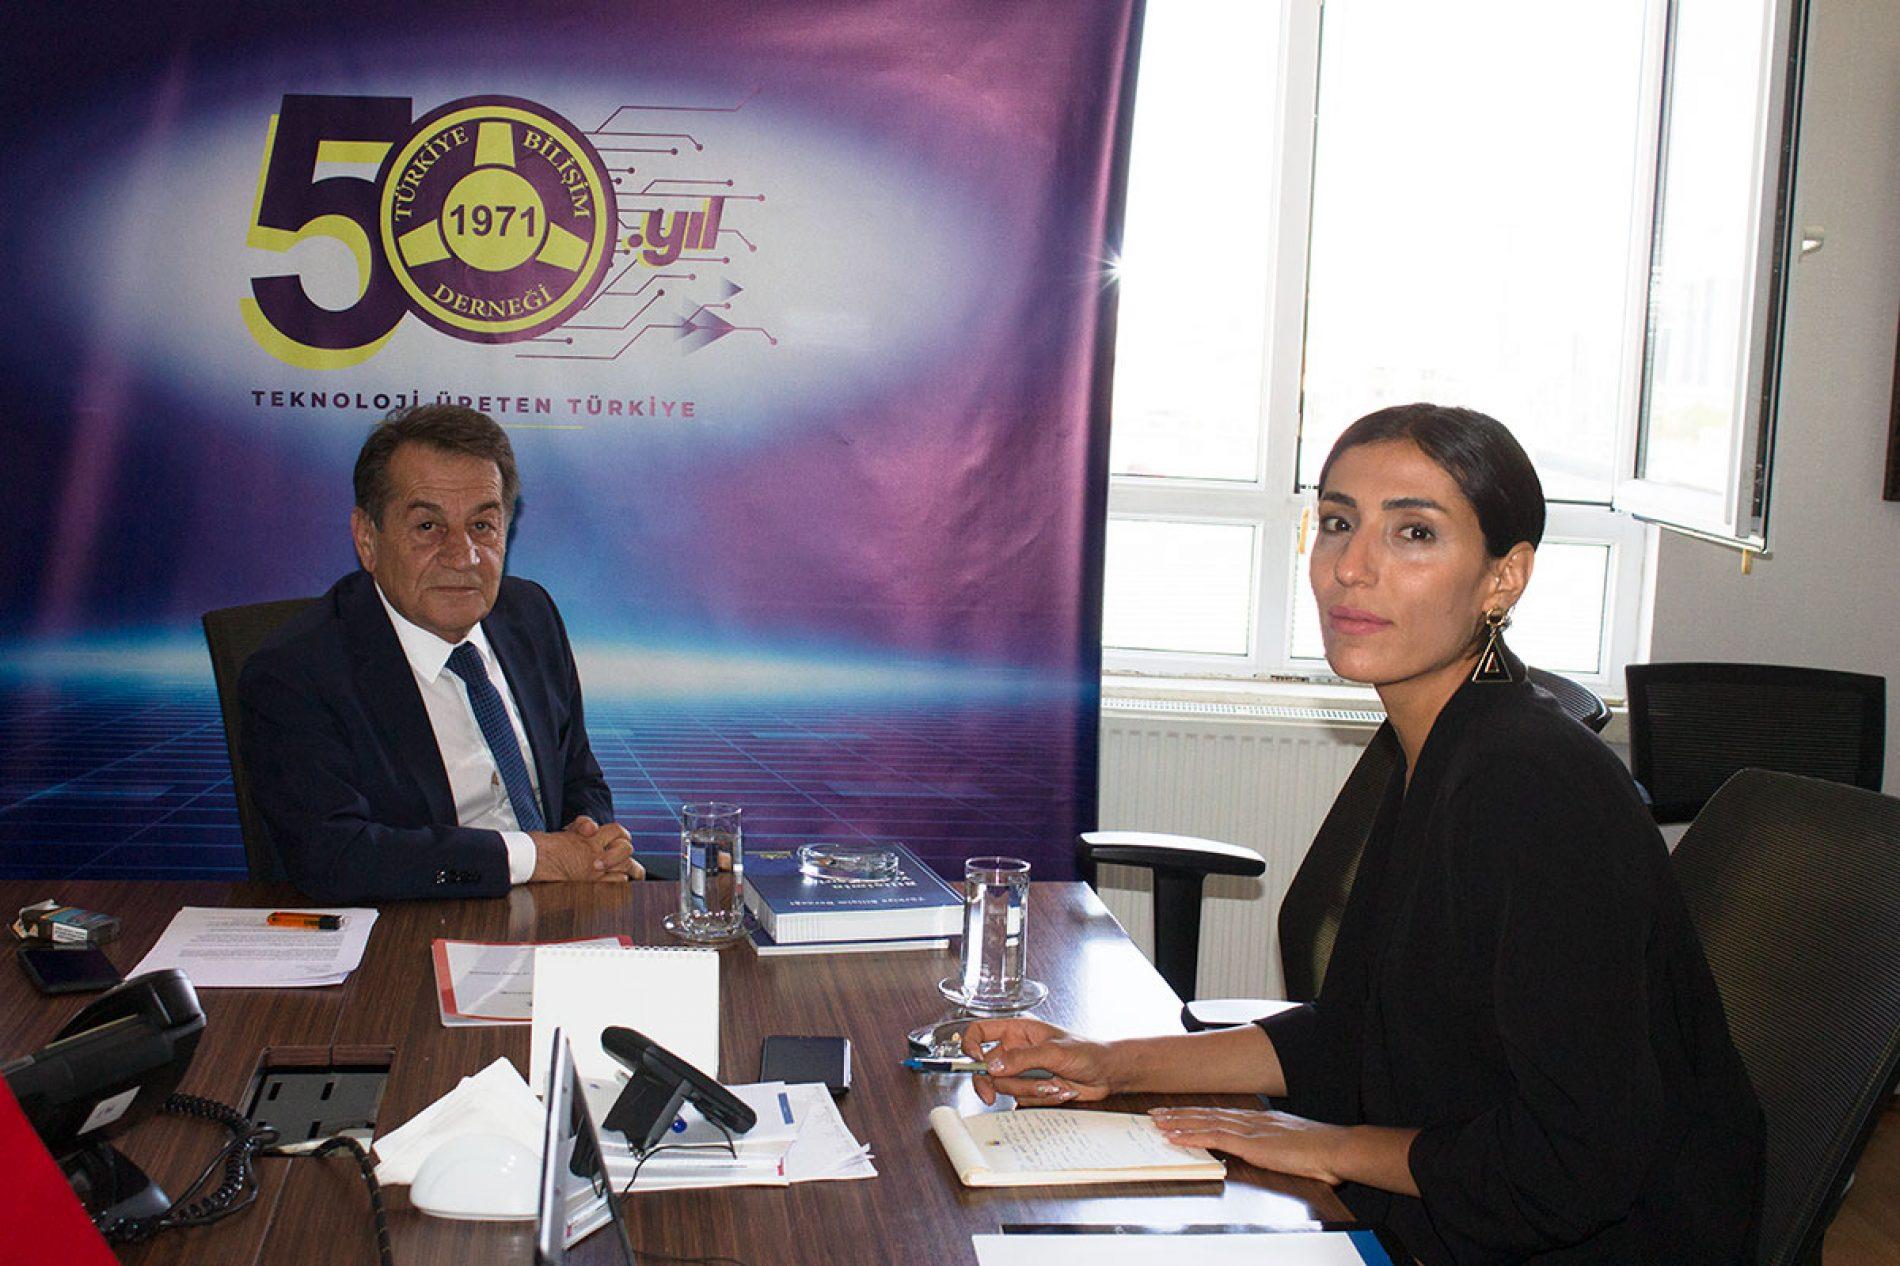 24 Saat Gazetesi TBD Genel Başkanı Sayın Rahmi AKTEPE ile Röportaj Gerçekleştirdi